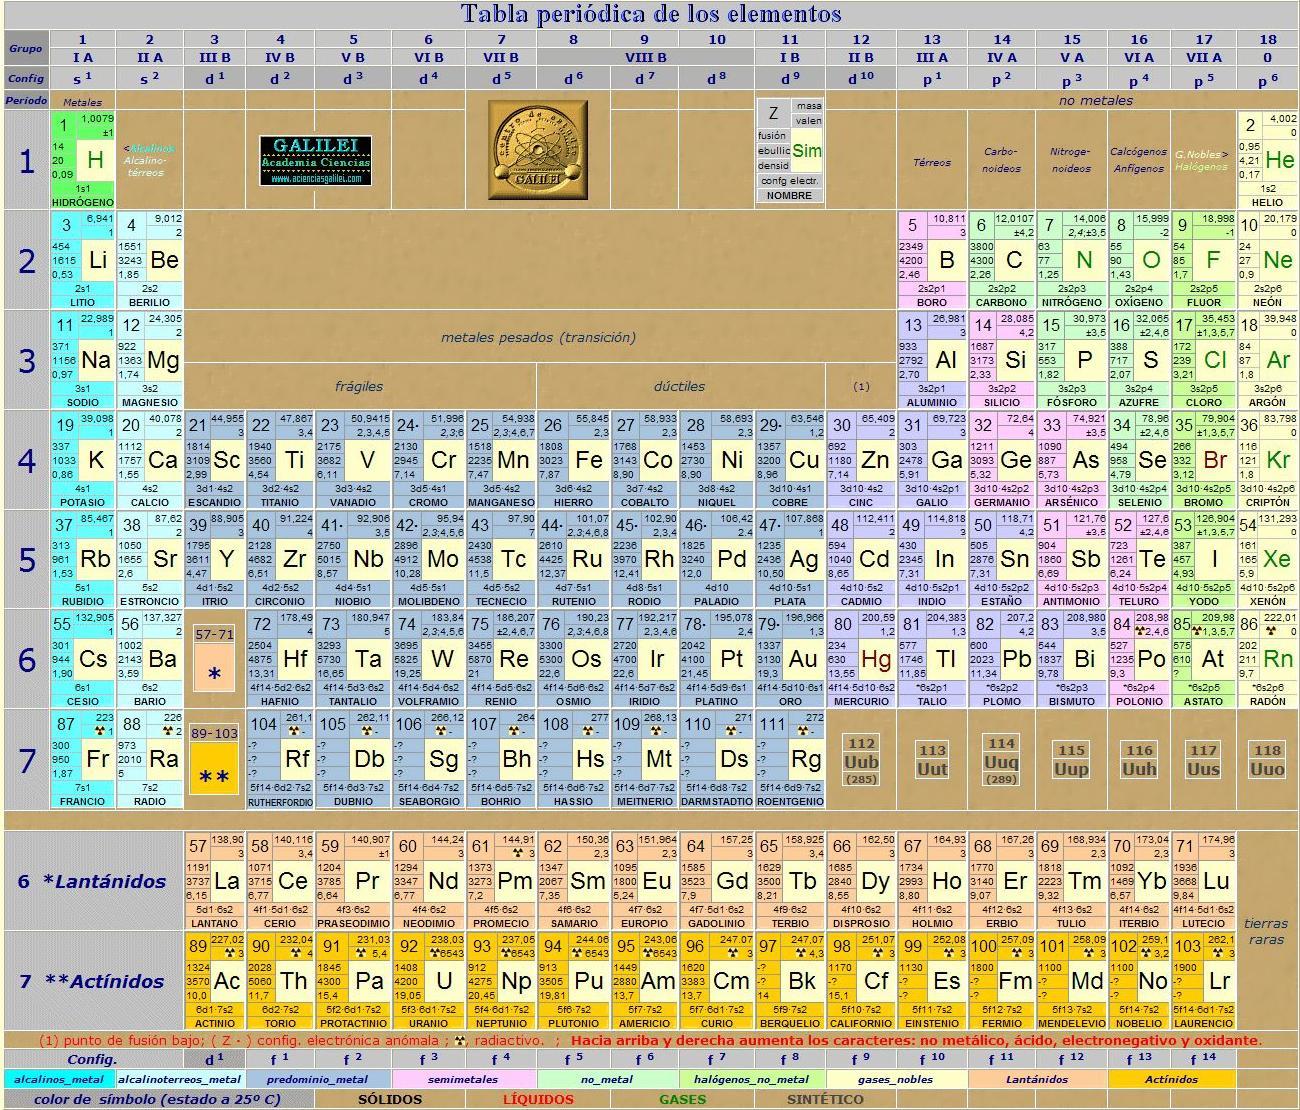 Tabla periodica de los elementos mineralespana tabla peridica ms completa ofrecida por galilei centro de estudios urtaz Choice Image